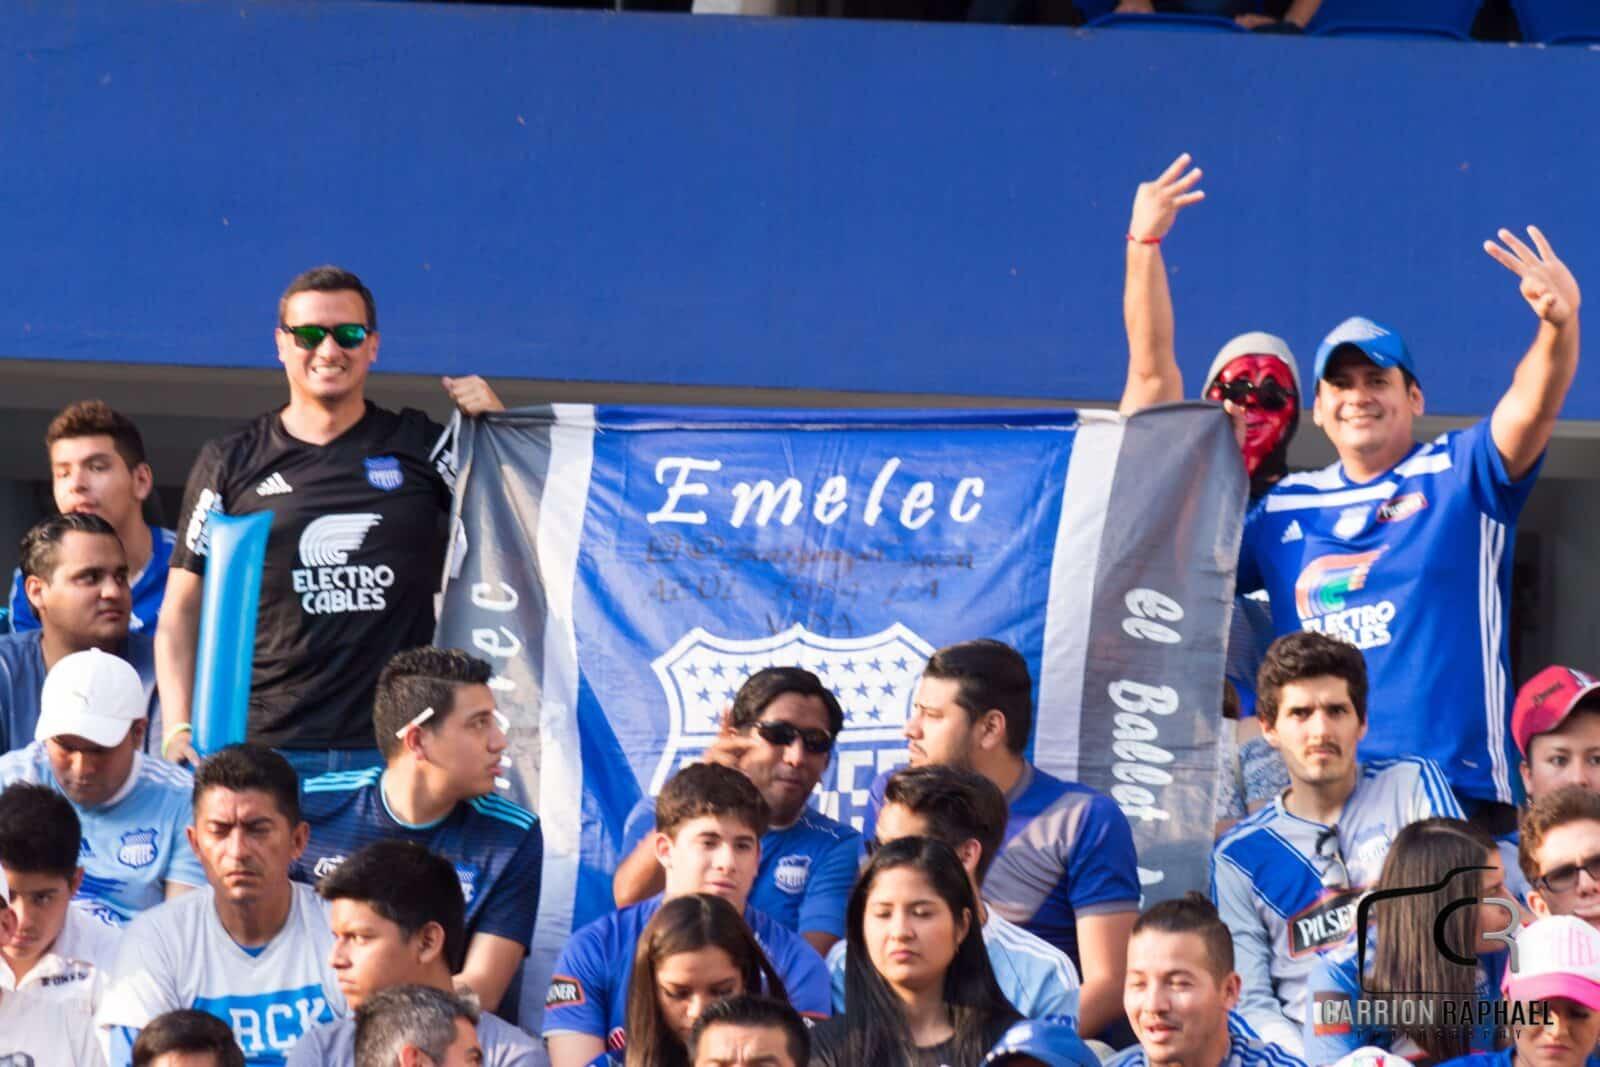 EMELEC derrotó 2x0 a Barcelona y es el nuevo puntero